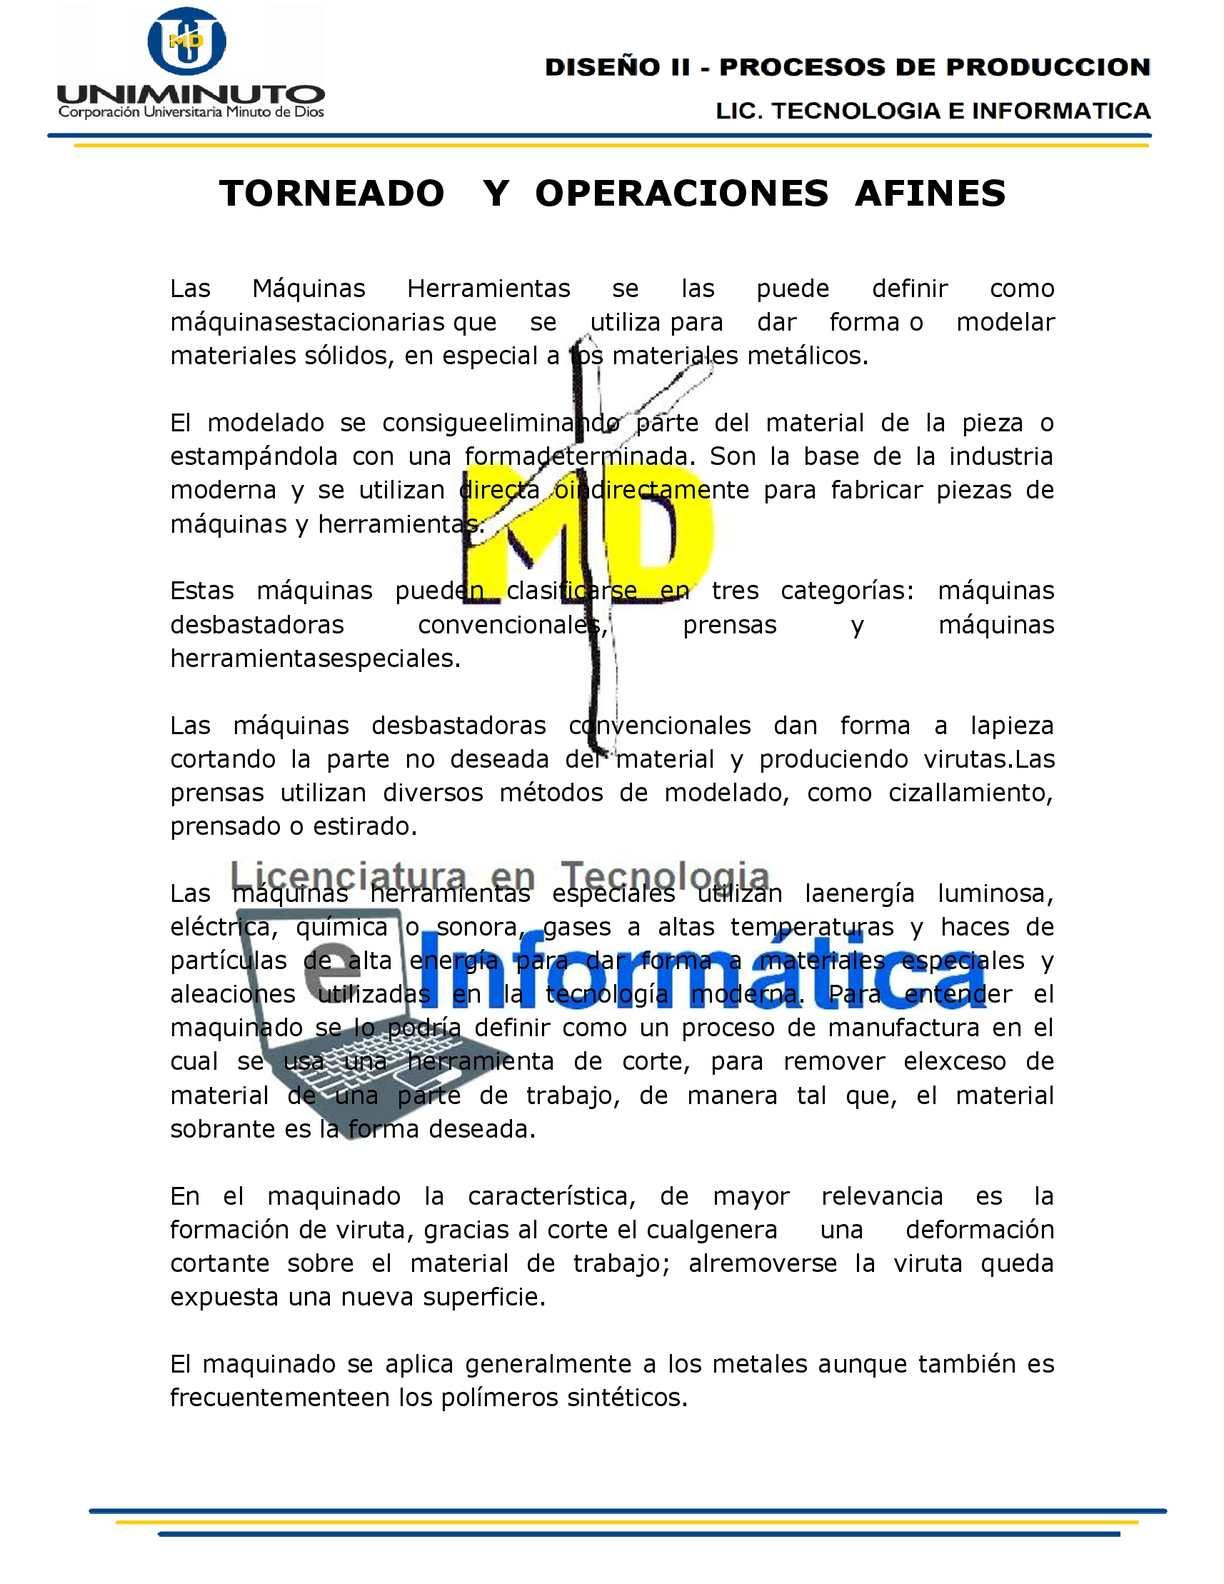 Calaméo - TORNEADO Y OPERACIONES AFINES 4f66a5544862